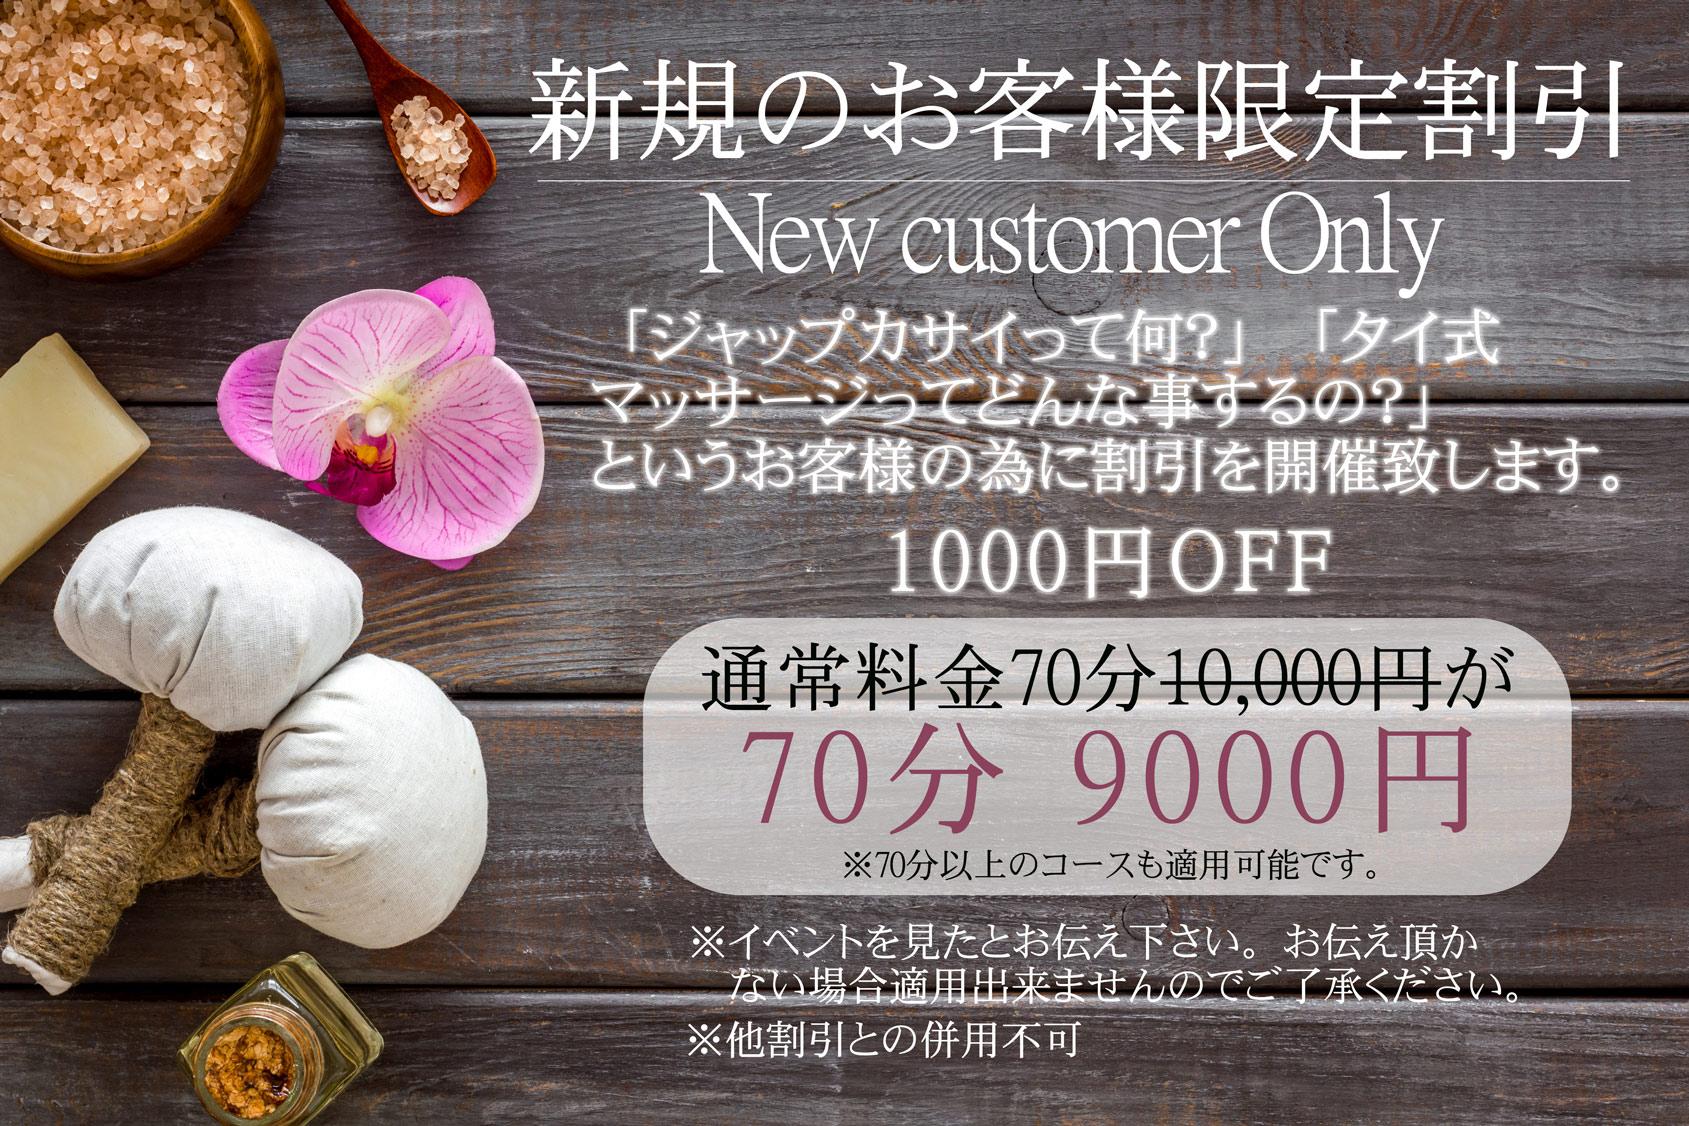 福岡 博多 タイ式マッサージ ジャップカサイ メンズエステ | Resort Spa Tao -リゾートスパ タオ-トップバナー画像2